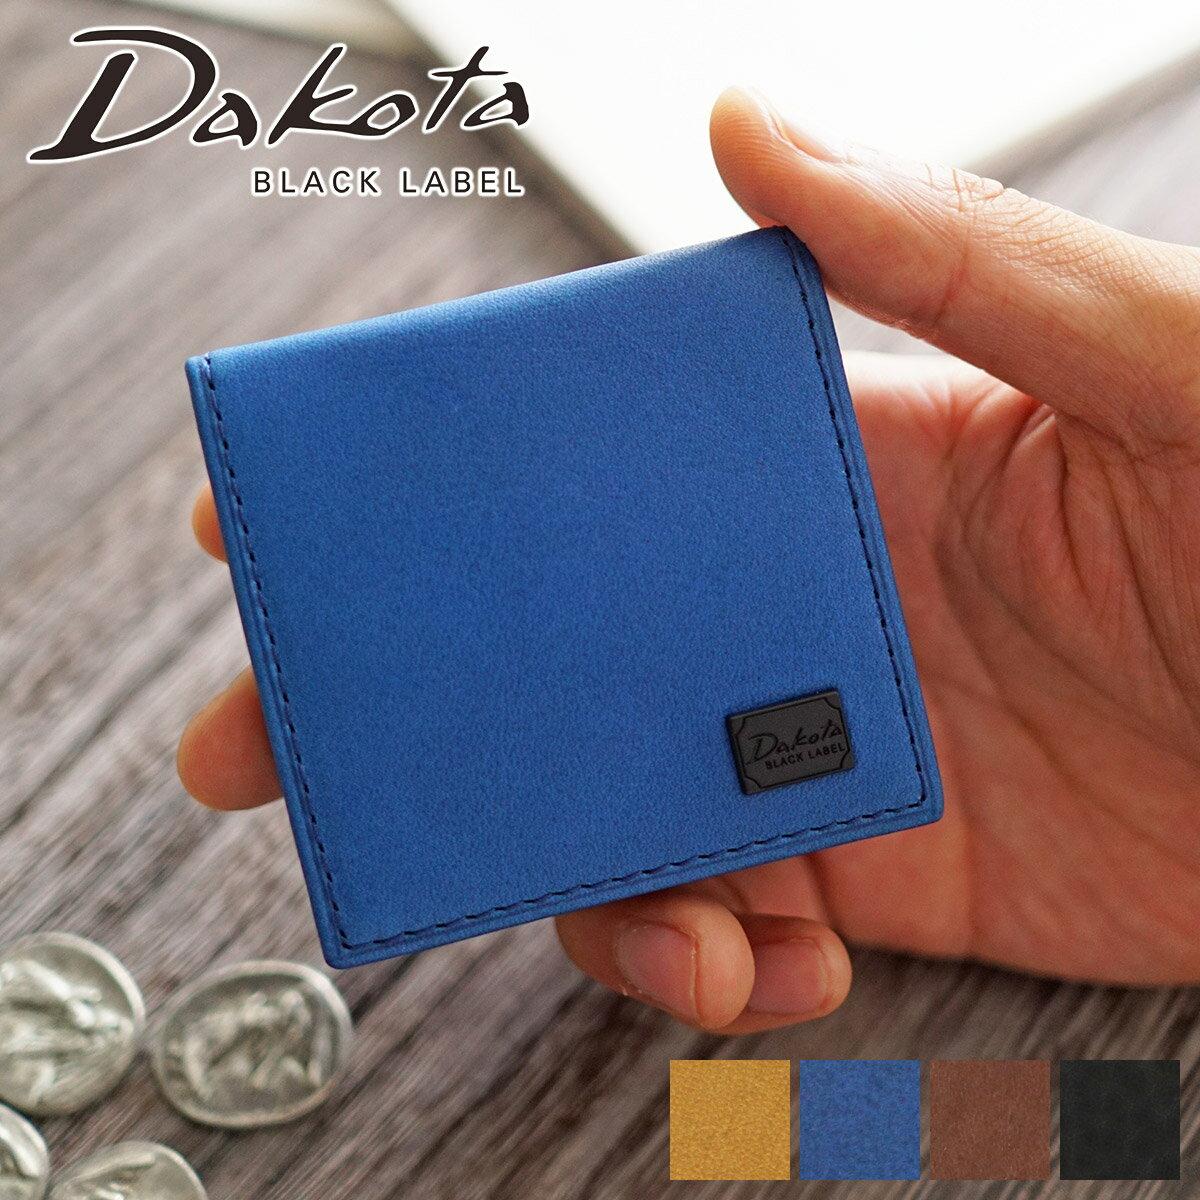 【選べる実用的プレゼント付】 Dakota BLACK LABEL ダコタ ブラックレーベル 財布ワキシー コインケース 0625906(革のお手入れ方法本付)メンズ 財布 コインケース 小銭入れ ギフト プレゼント